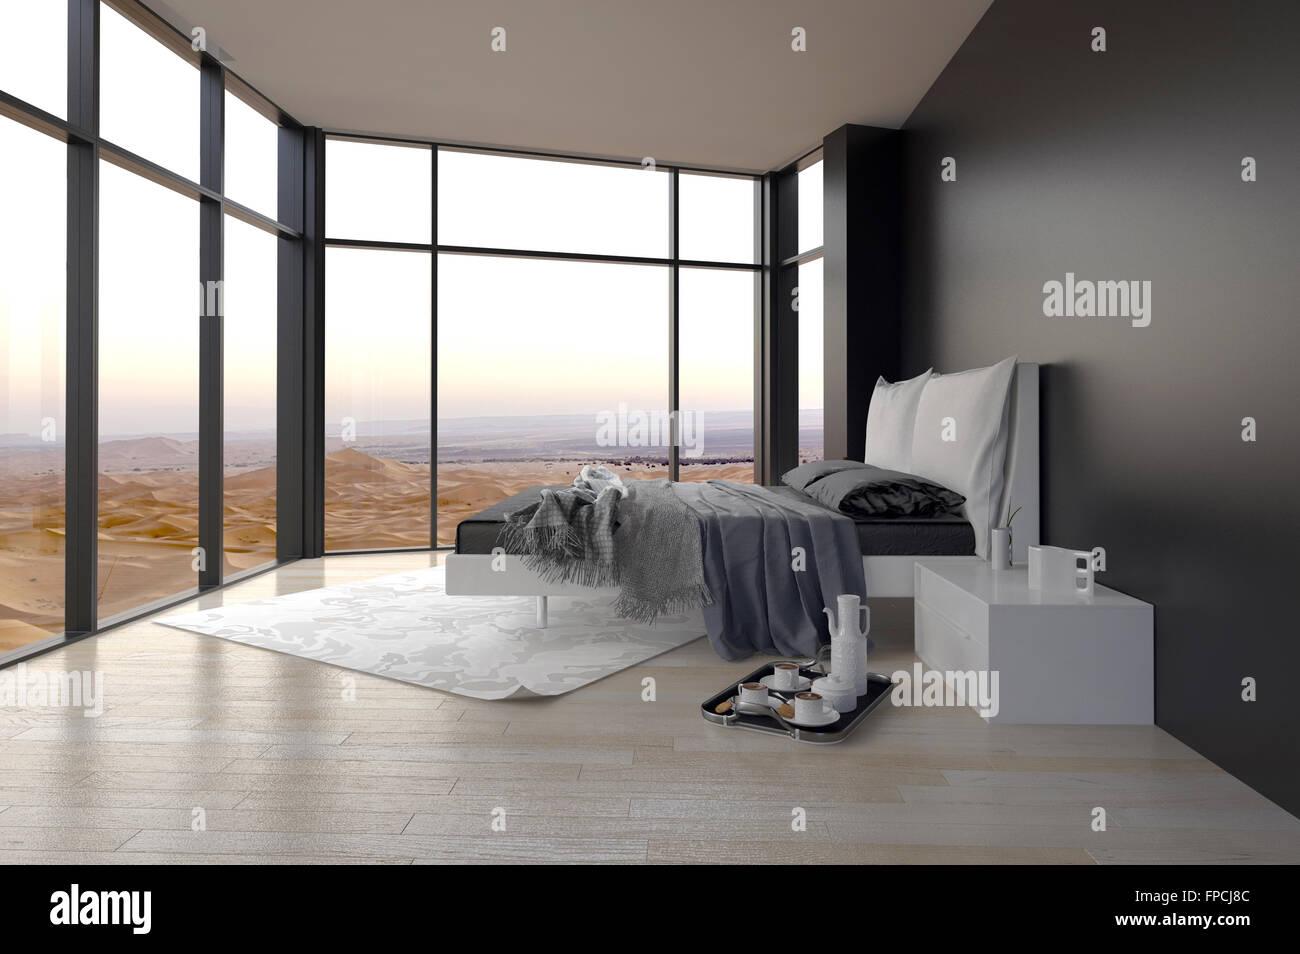 Elegante Graue Und Weisse Schlafzimmer Innenraum Mit Wrap Around